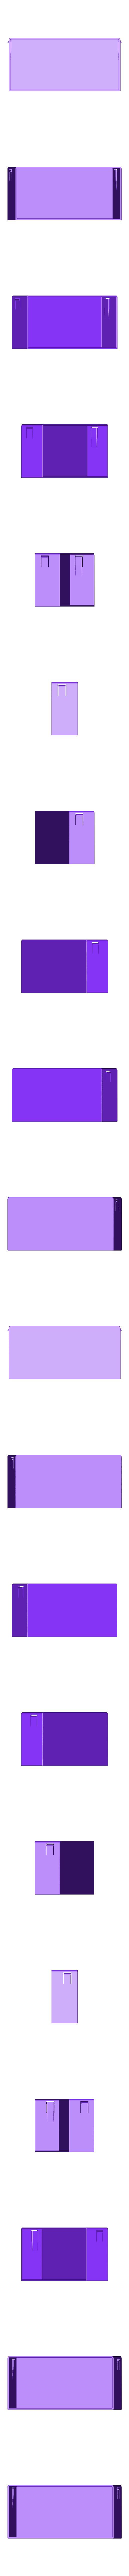 Side Drawer.STL Download STL file Ender 3 Pro Storage Mod Kit • Object to 3D print, a3rdDimension